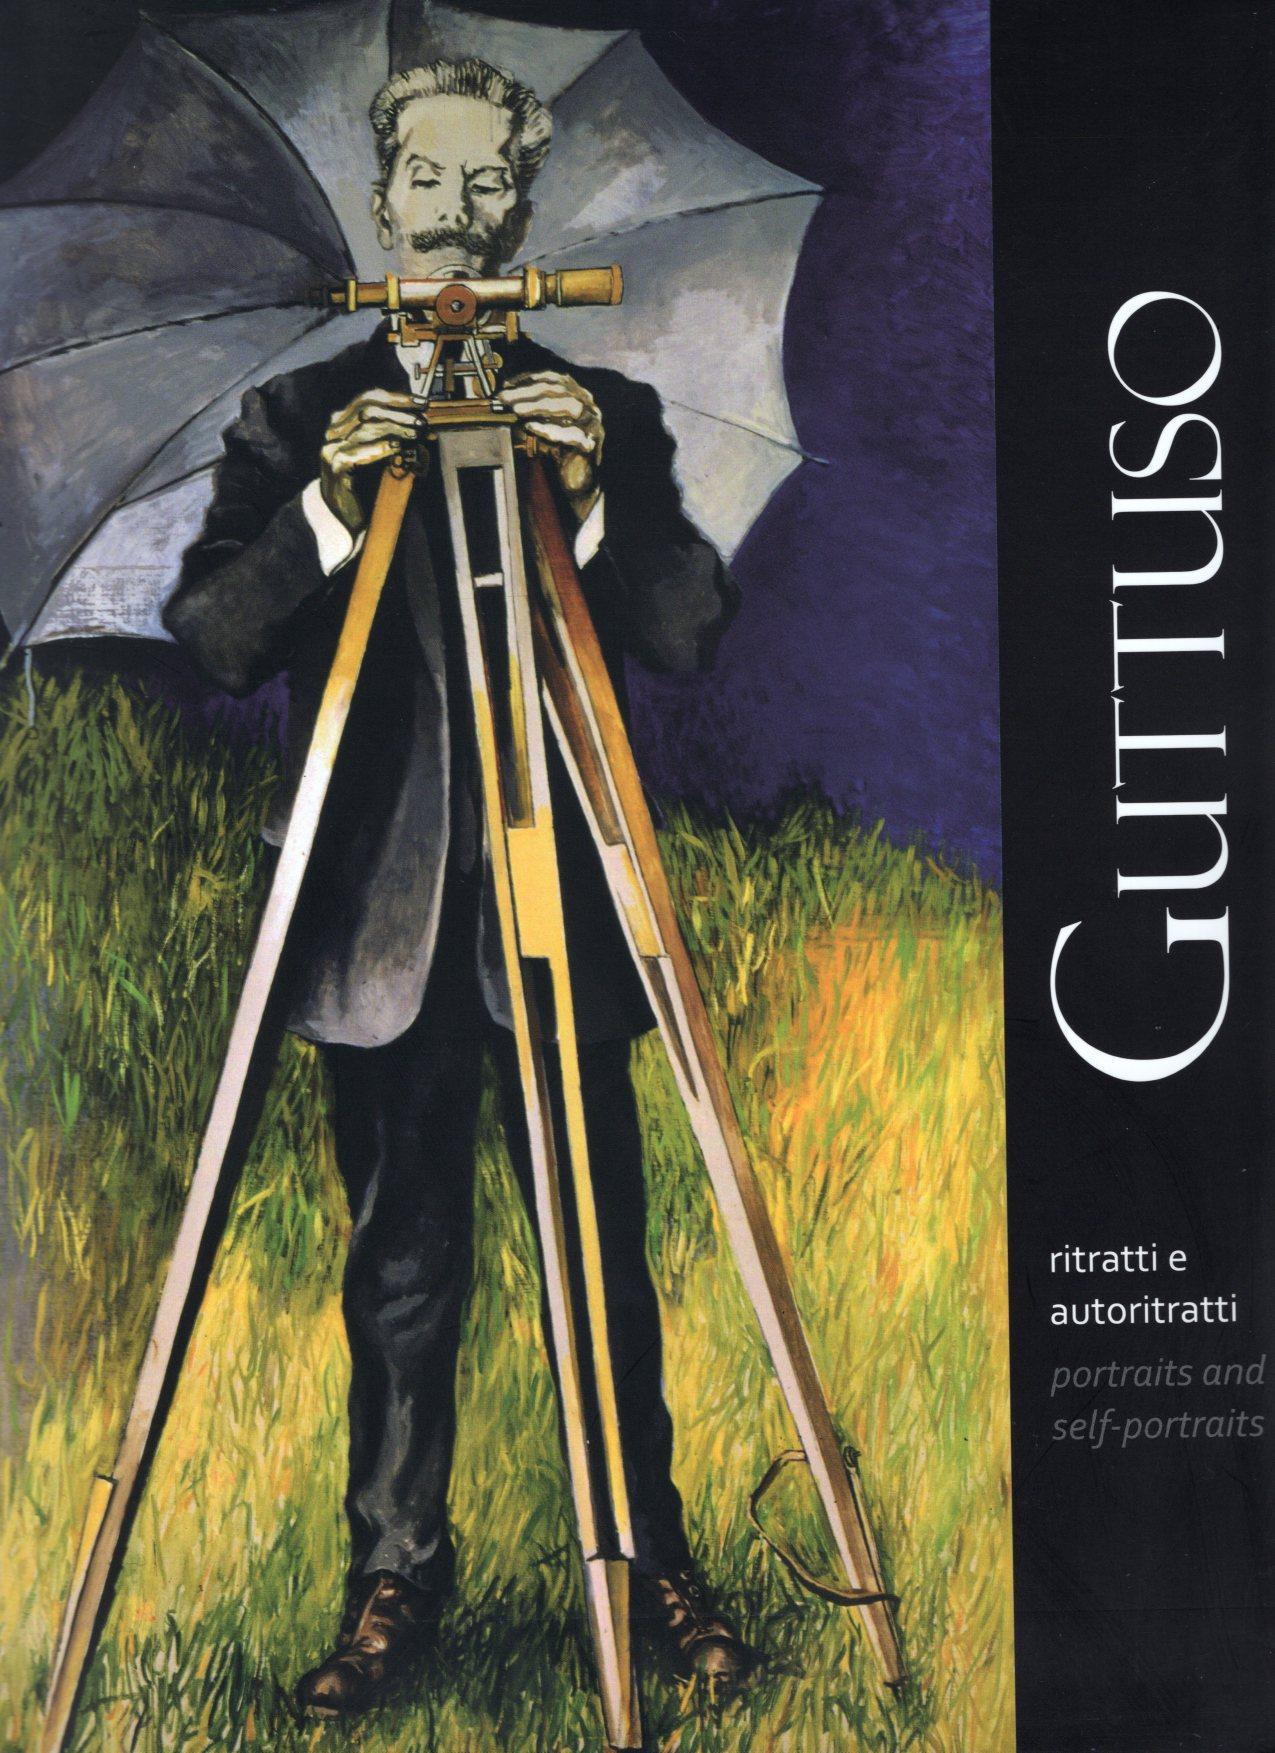 11 Guttuso ritratti e autoritratti, Museo Guttuso, Bagheria, 2015